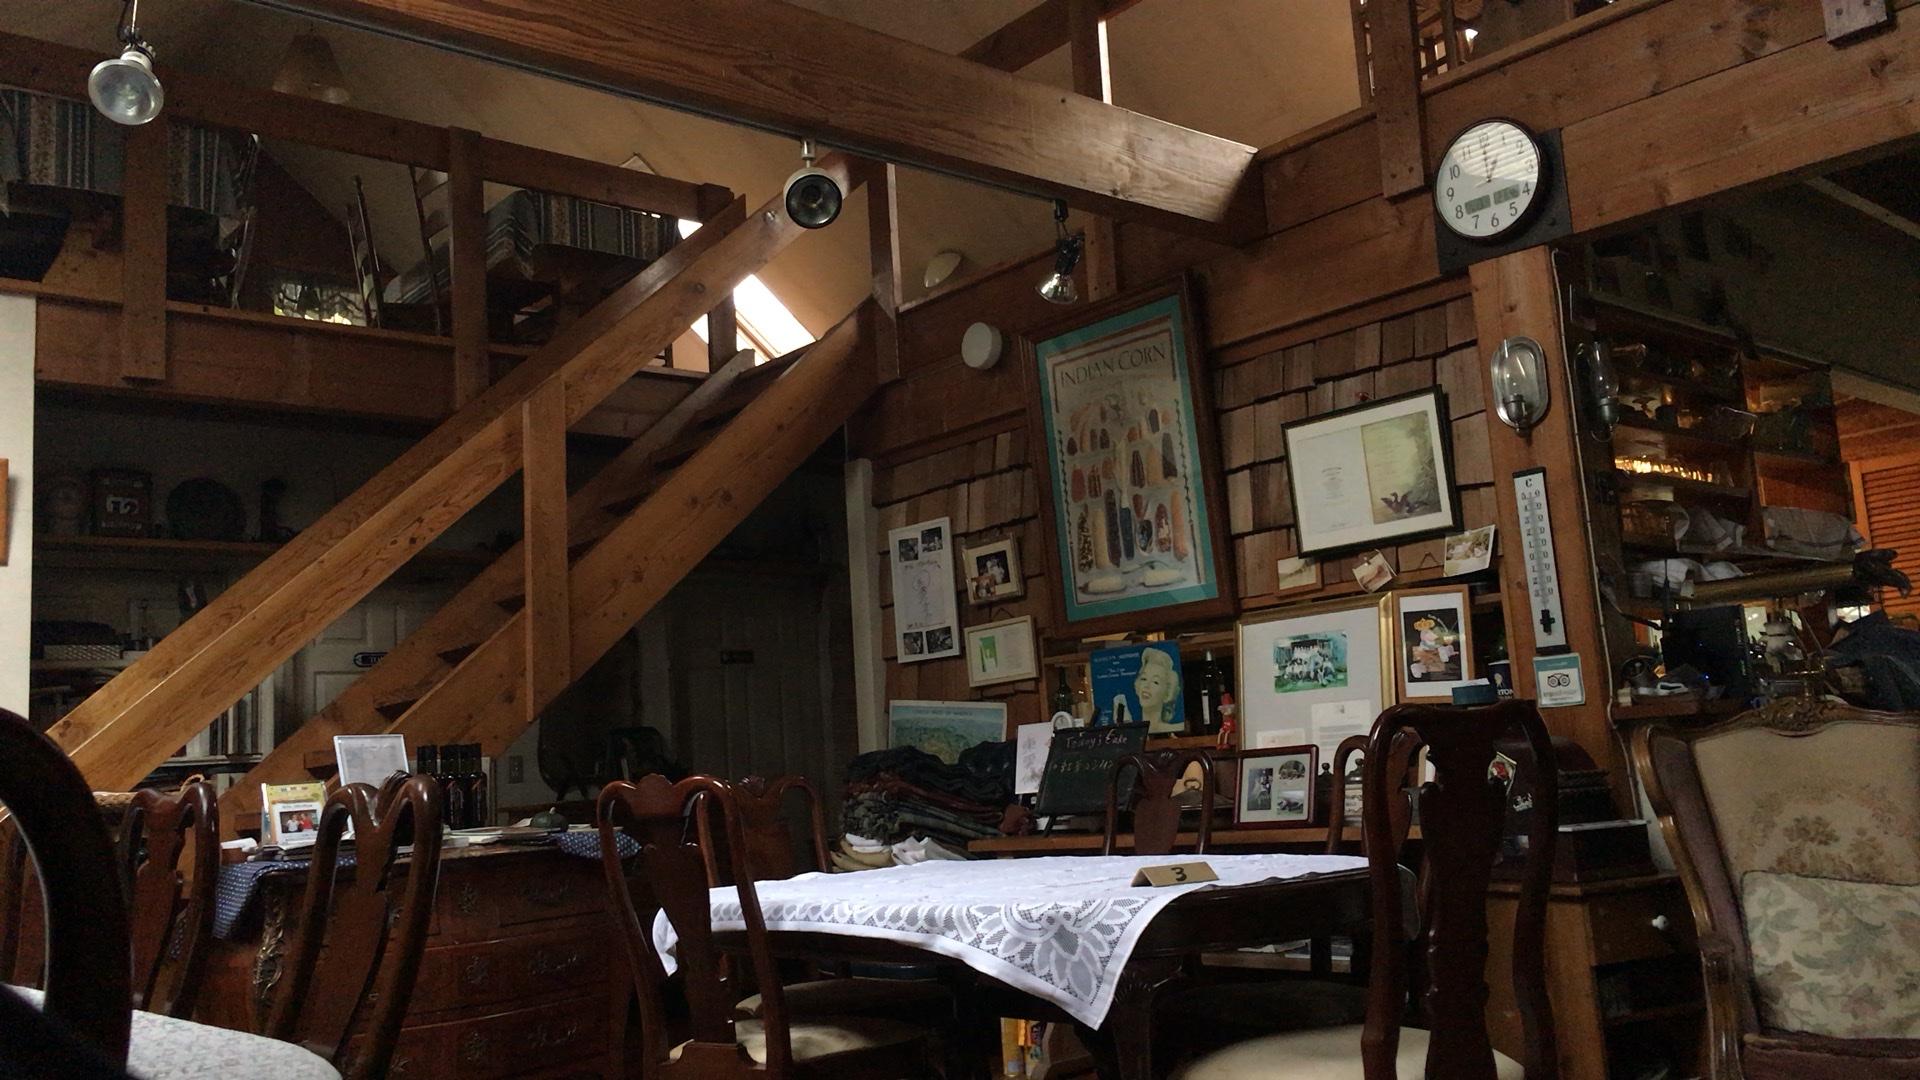 【カフェブロッサム】は薪ストーブ料理の楽しめるカフェ!